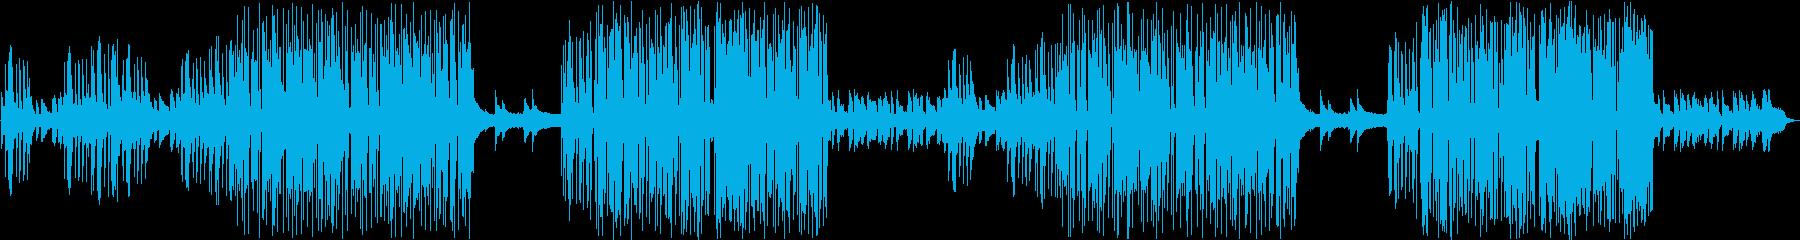 ほのぼのした琴が印象的なかわいい和風の再生済みの波形